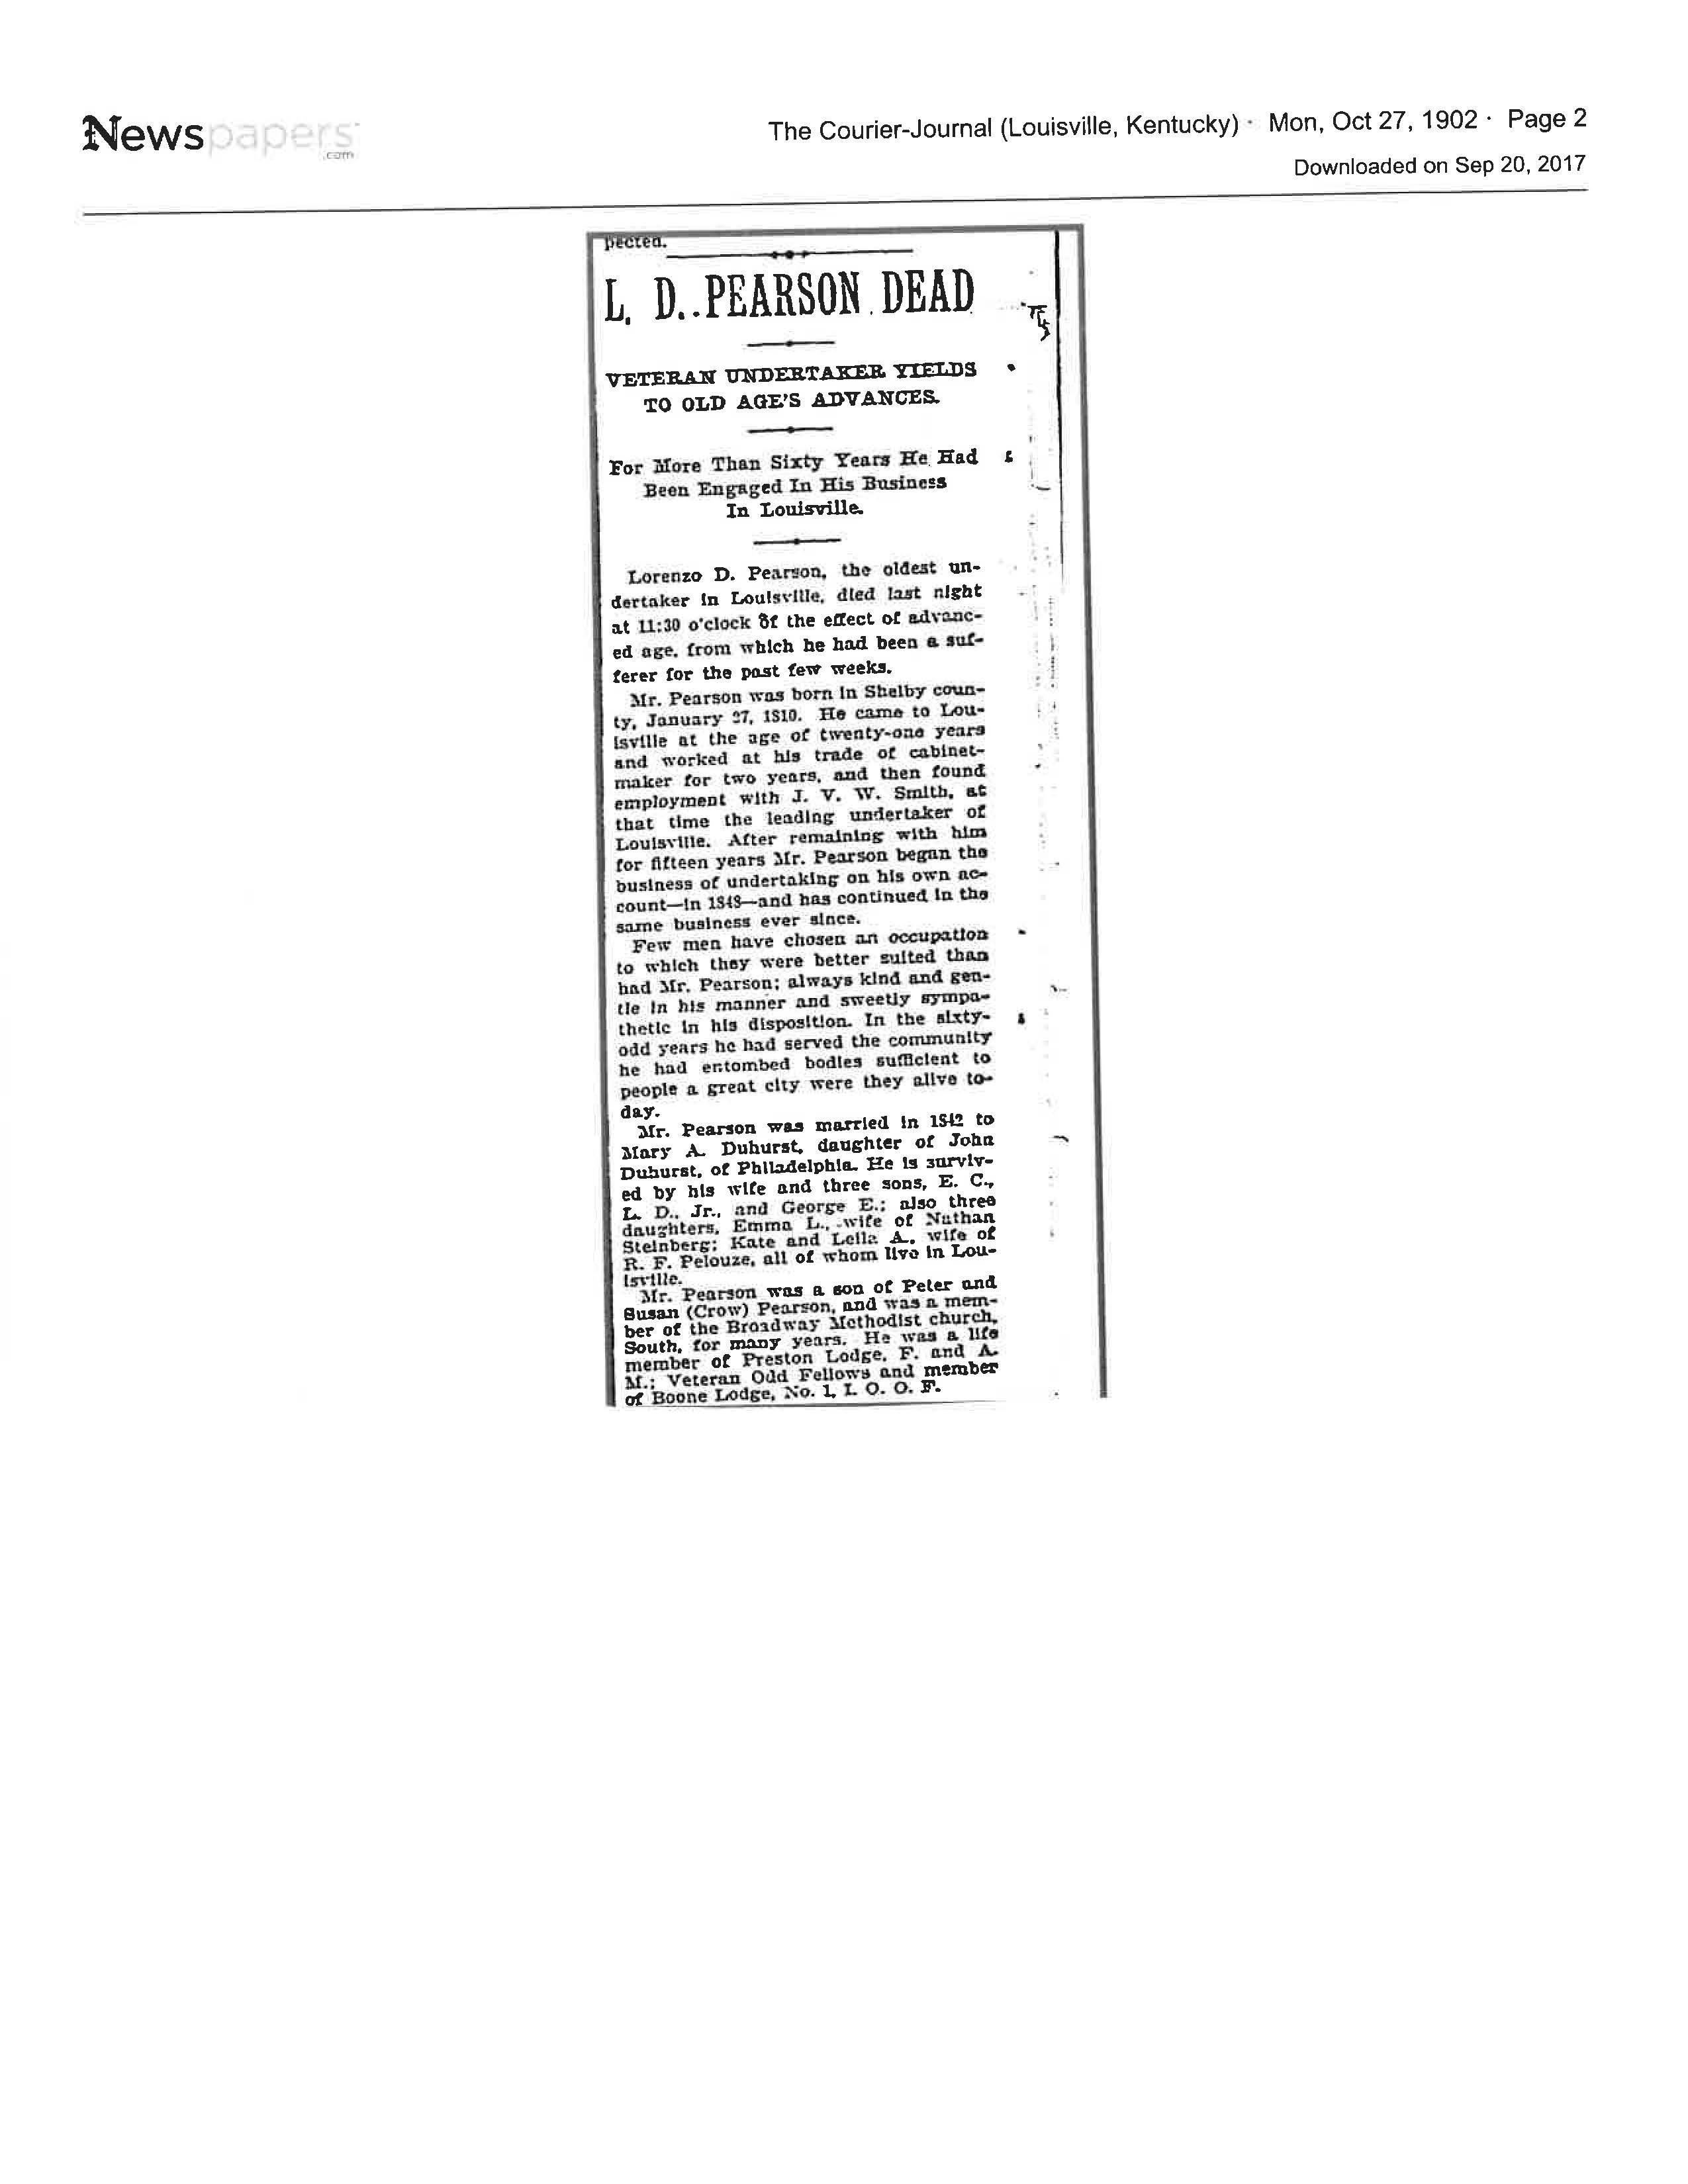 L.D. Pearson obituary